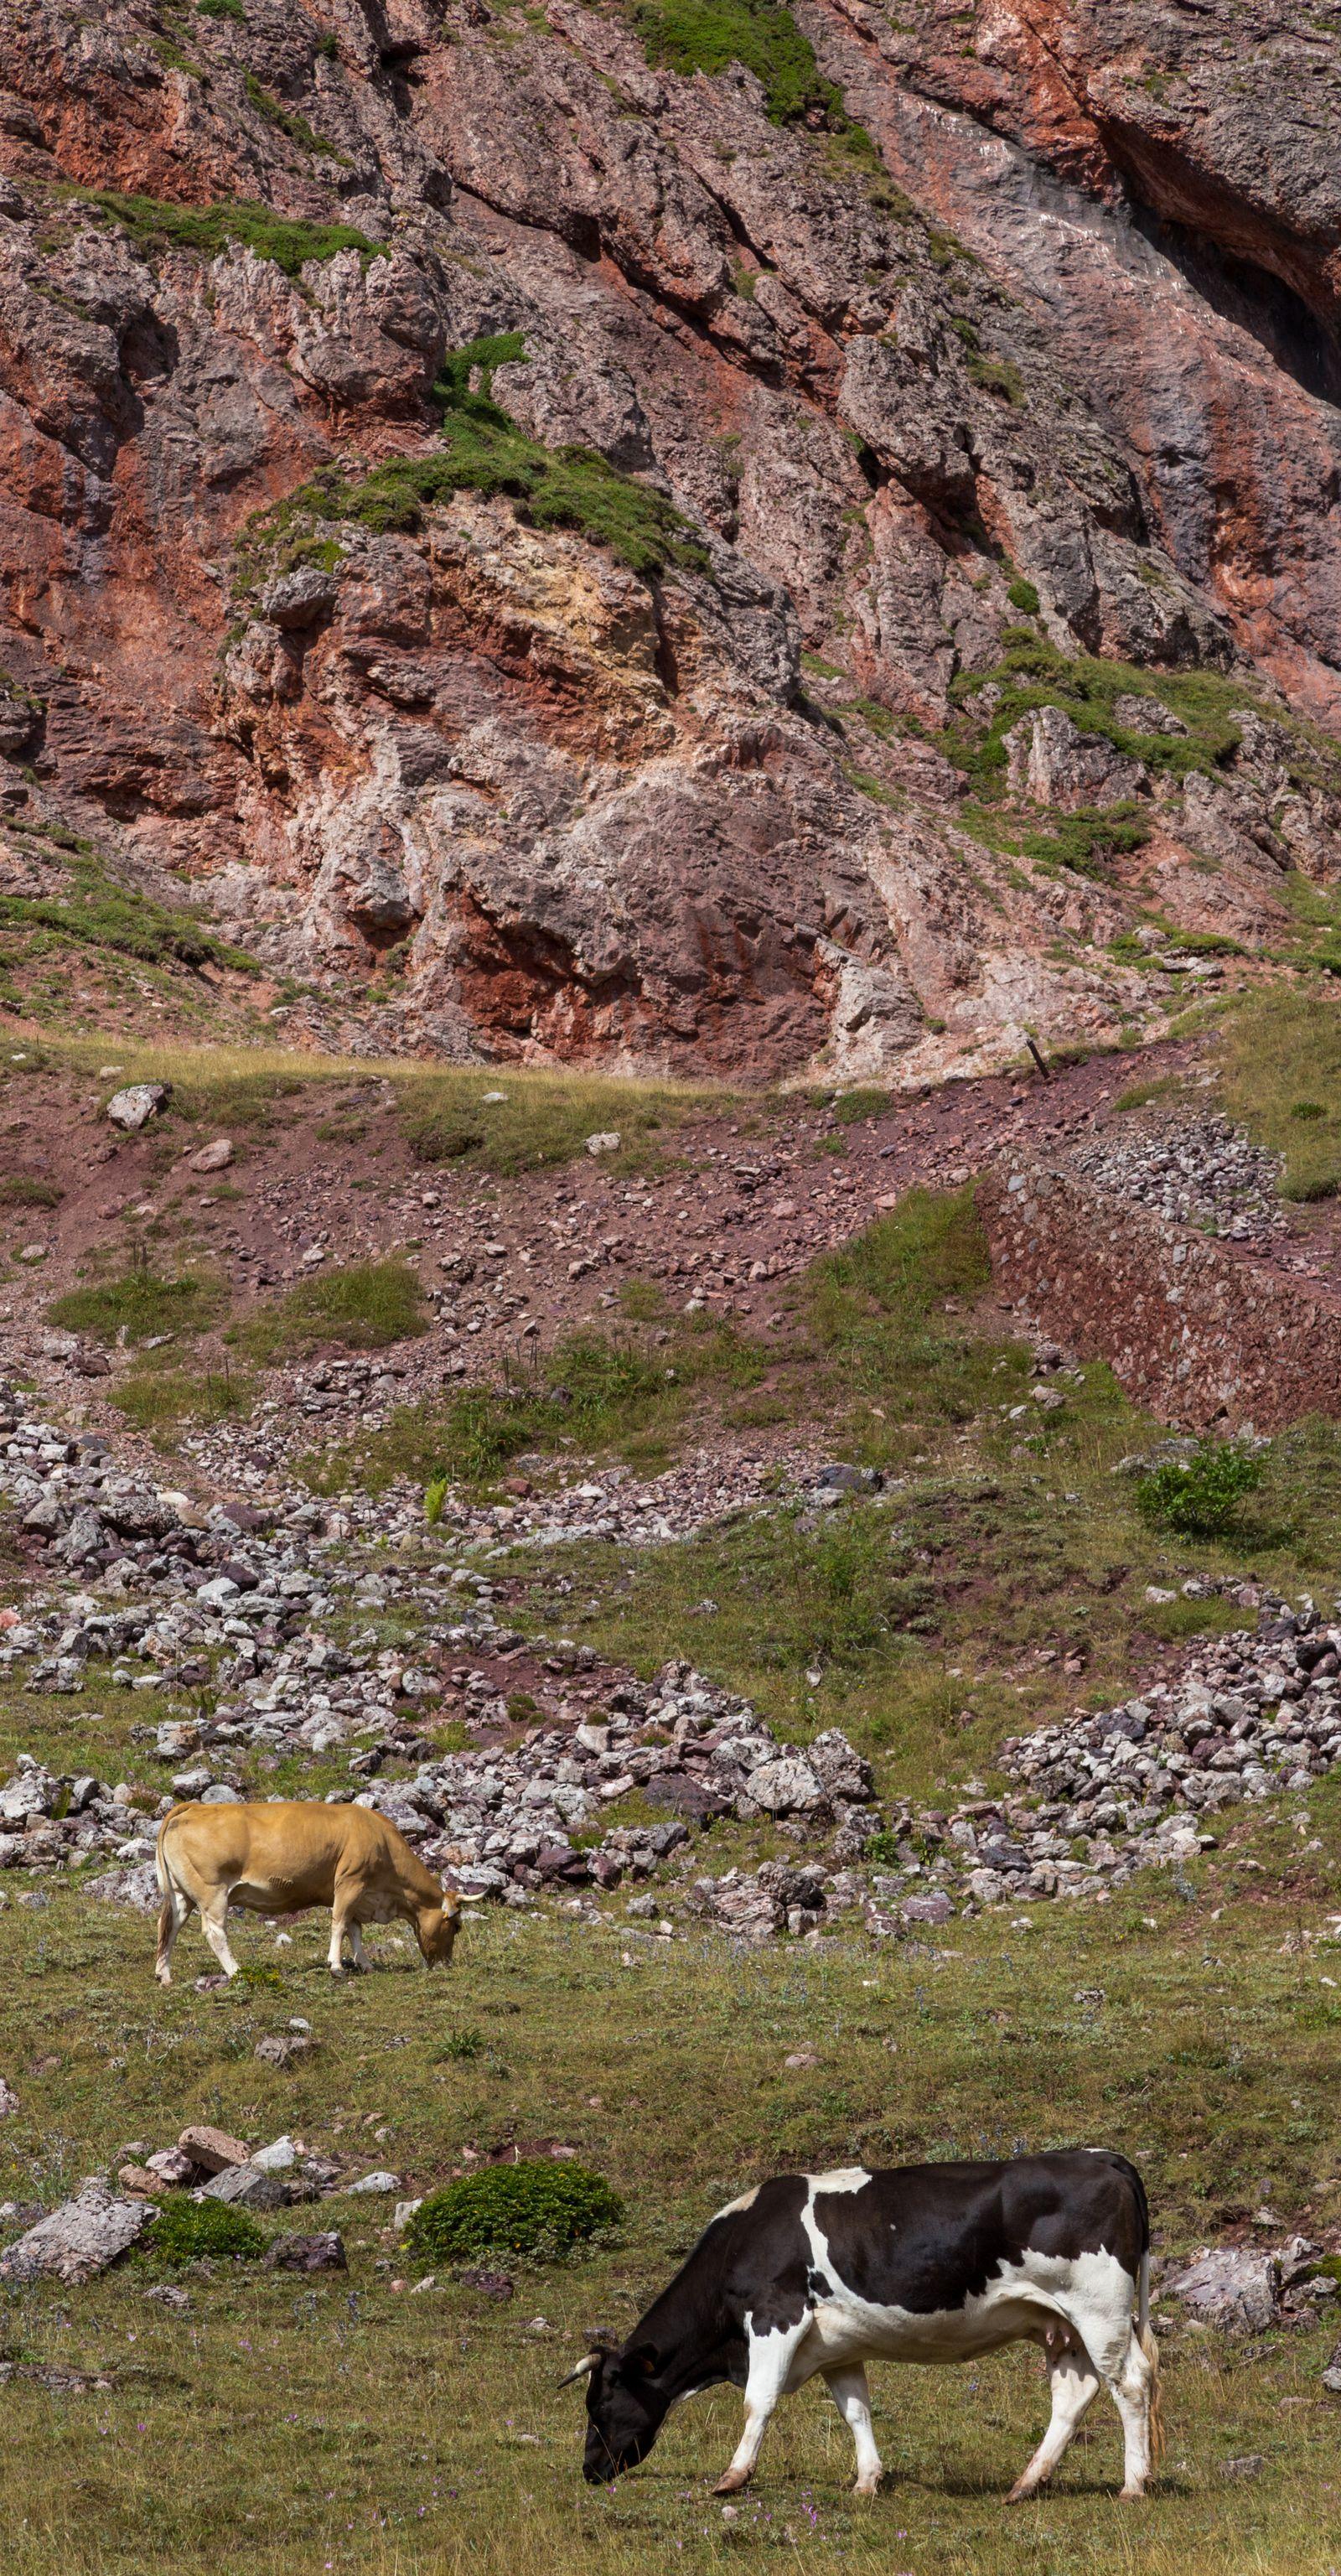 De las pocas vacas suizas que vemos